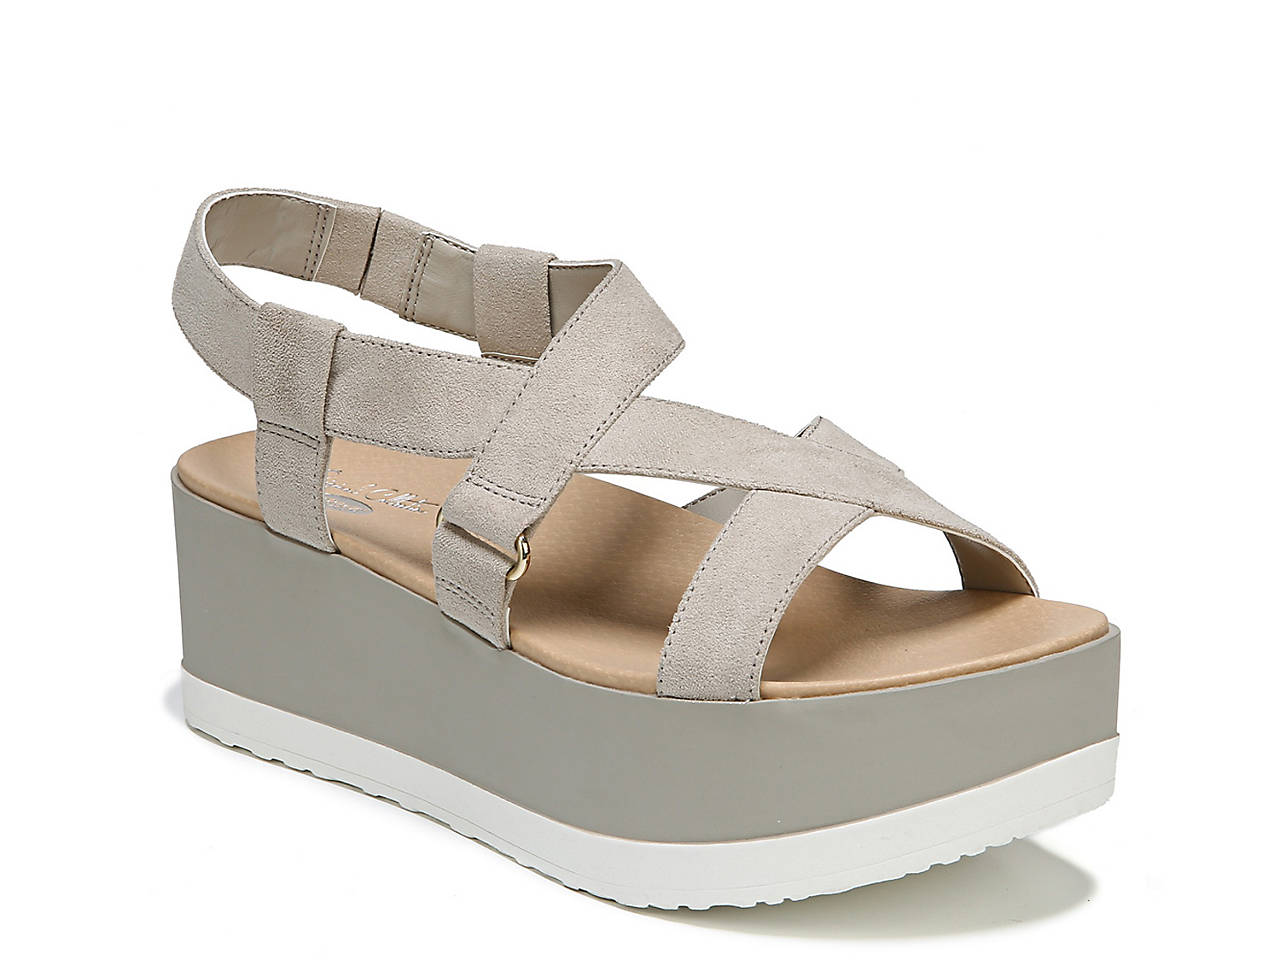 Companion Platform Sandal by Dr. Scholl's